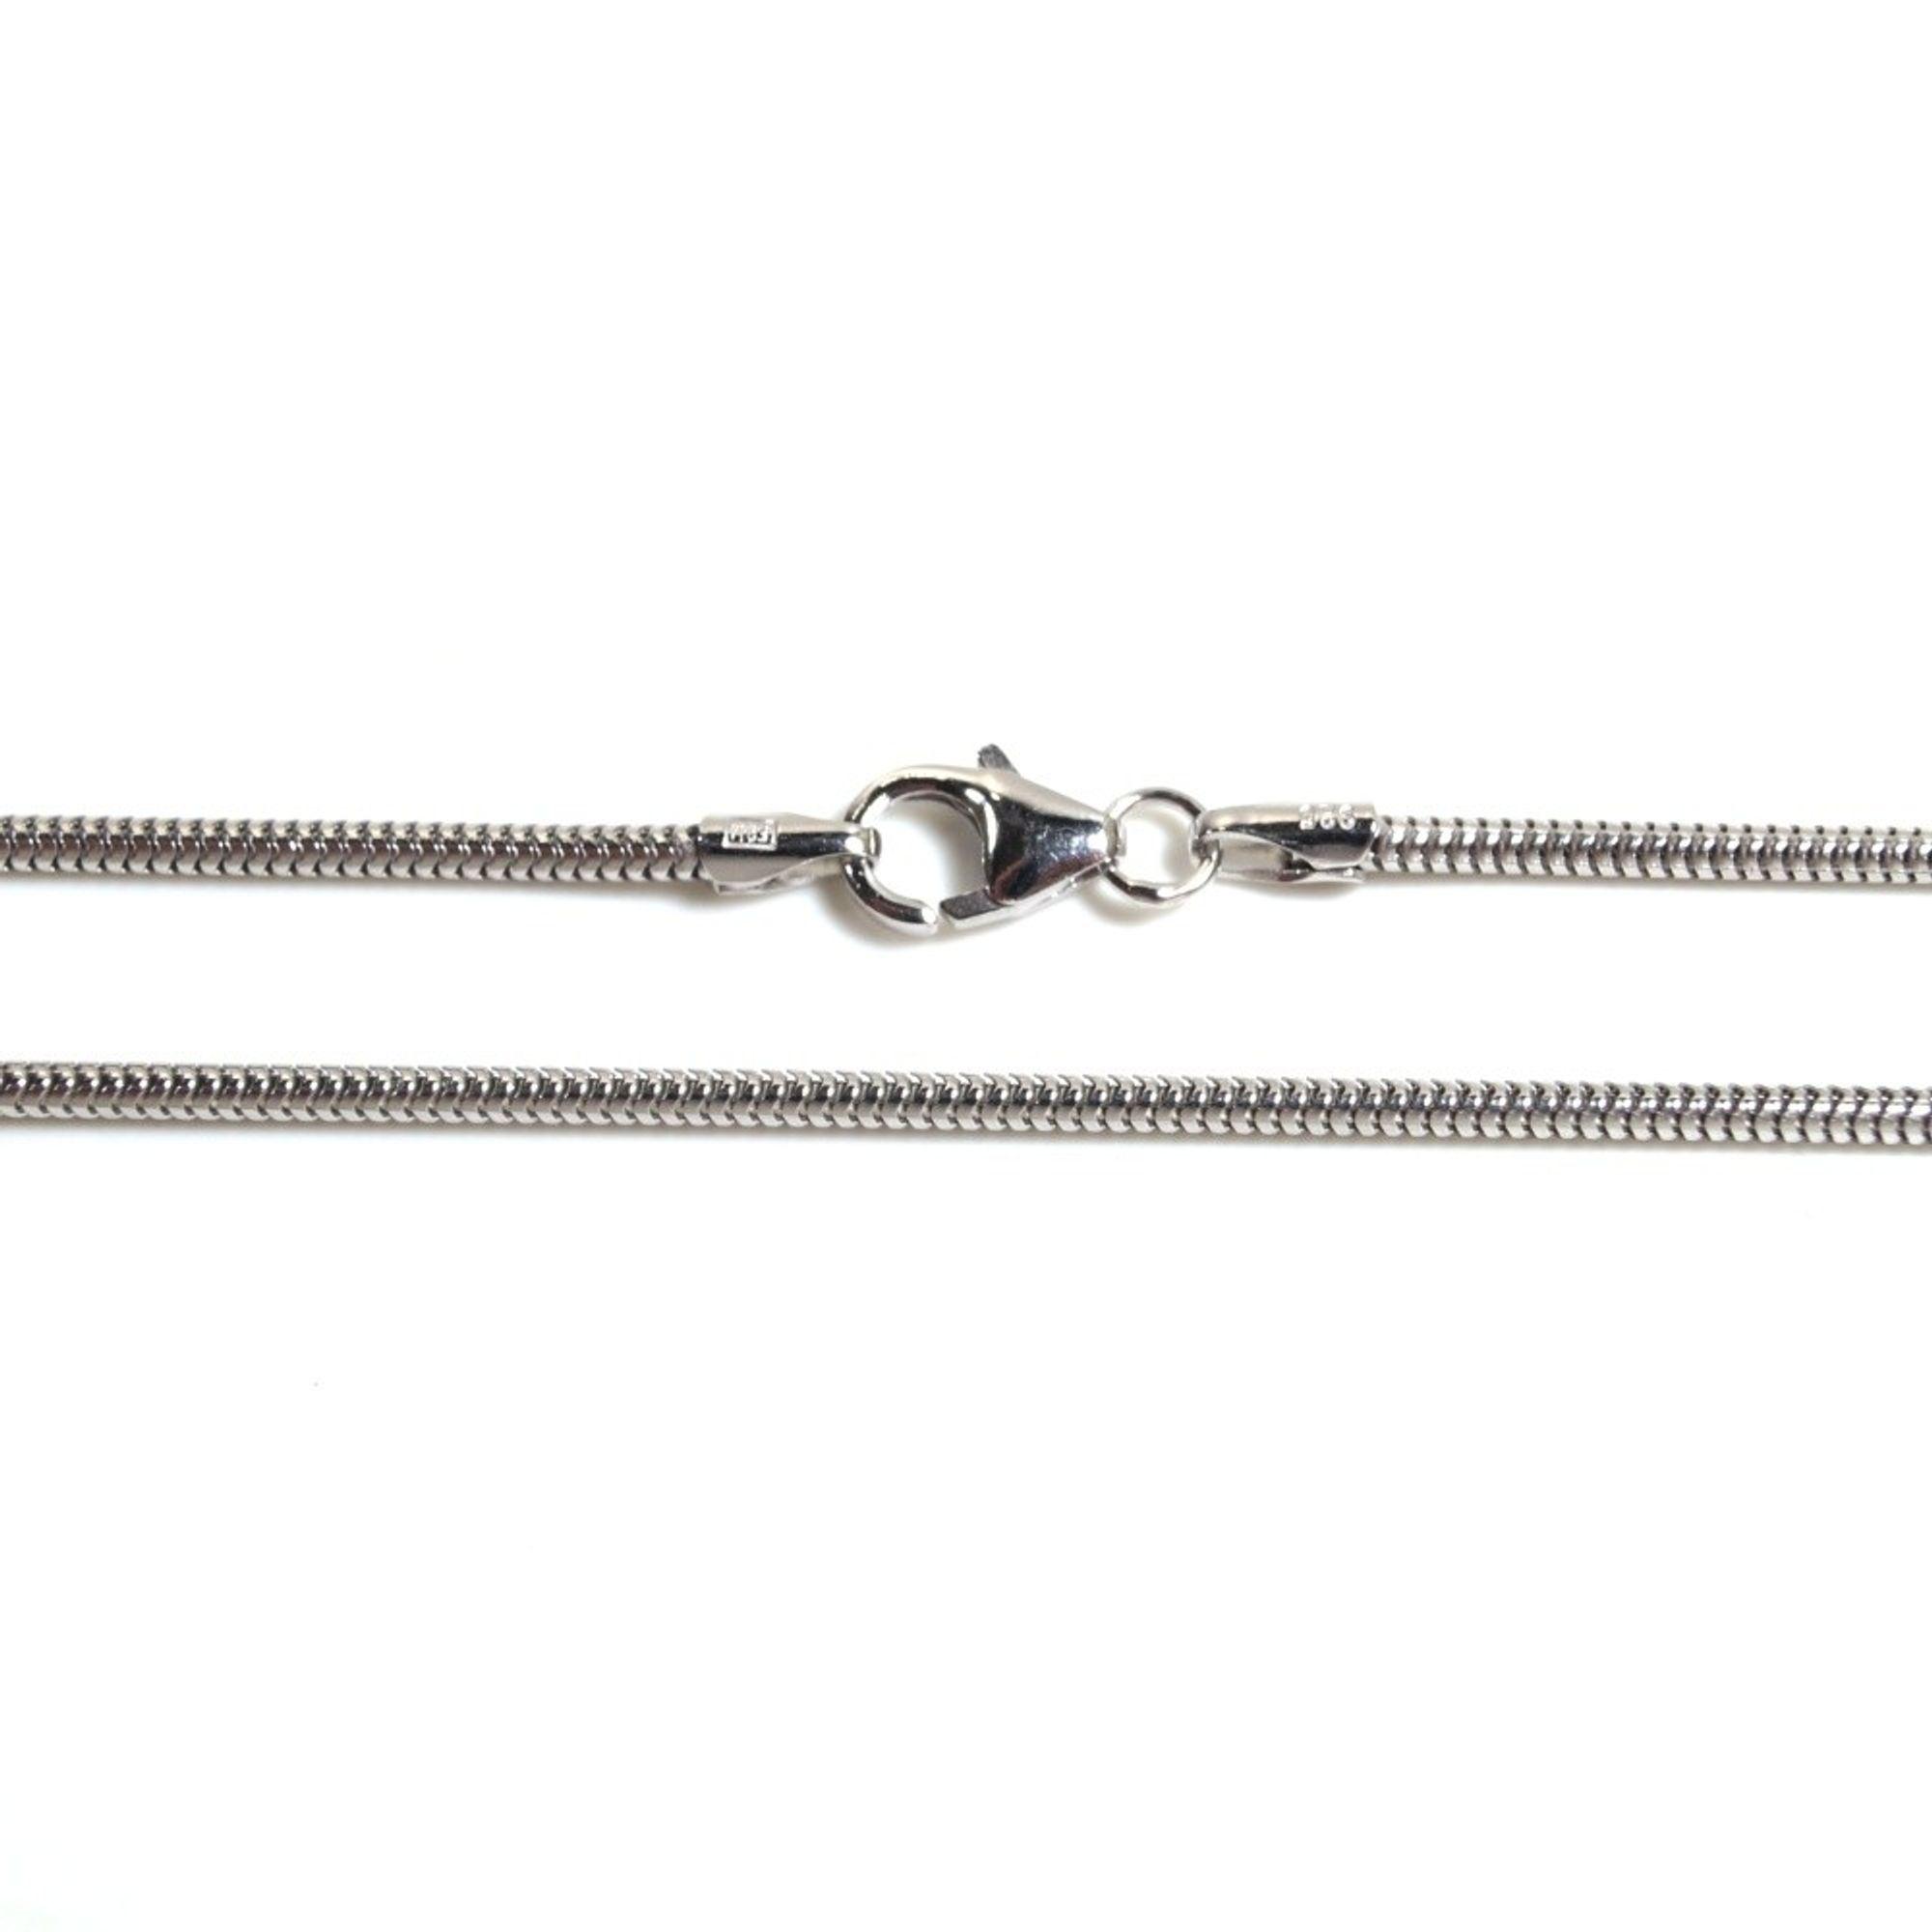 Basic Silber SC01.20.40R Kette Schlangen Unisex Halskette Silber 40 cm